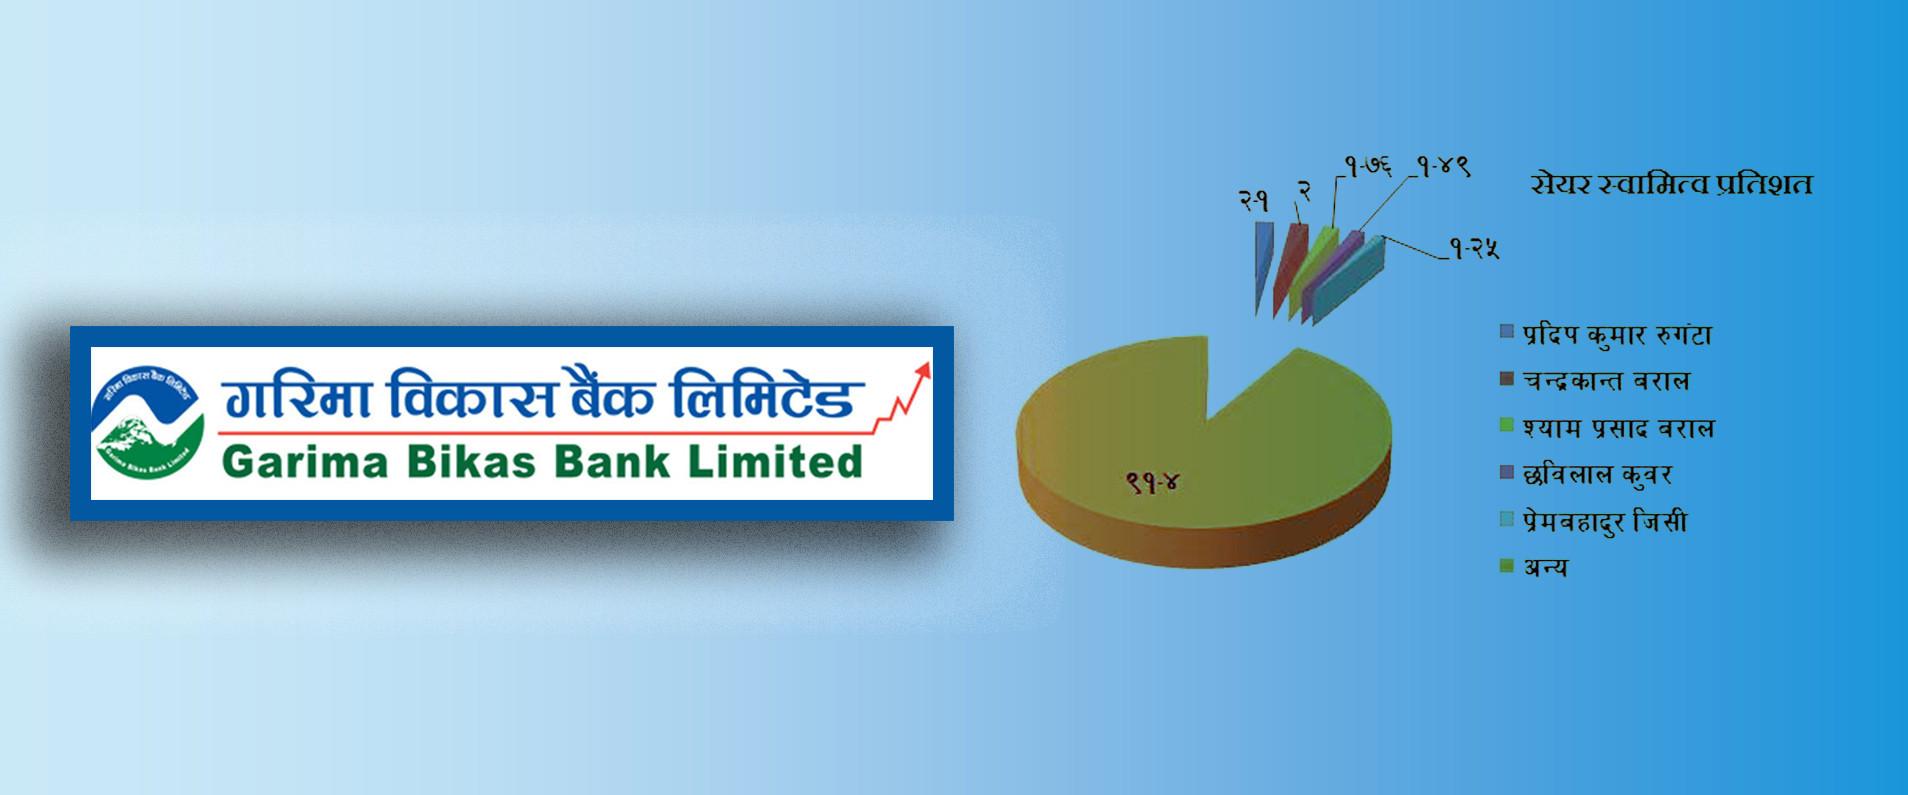 गरिमा विकास बैंकः सेयर मूल्य वाणिज्य बैंक सरह, लगानीको लागि कत्तिको उपयुक्त होला ? (समग्र विश्लेषण)